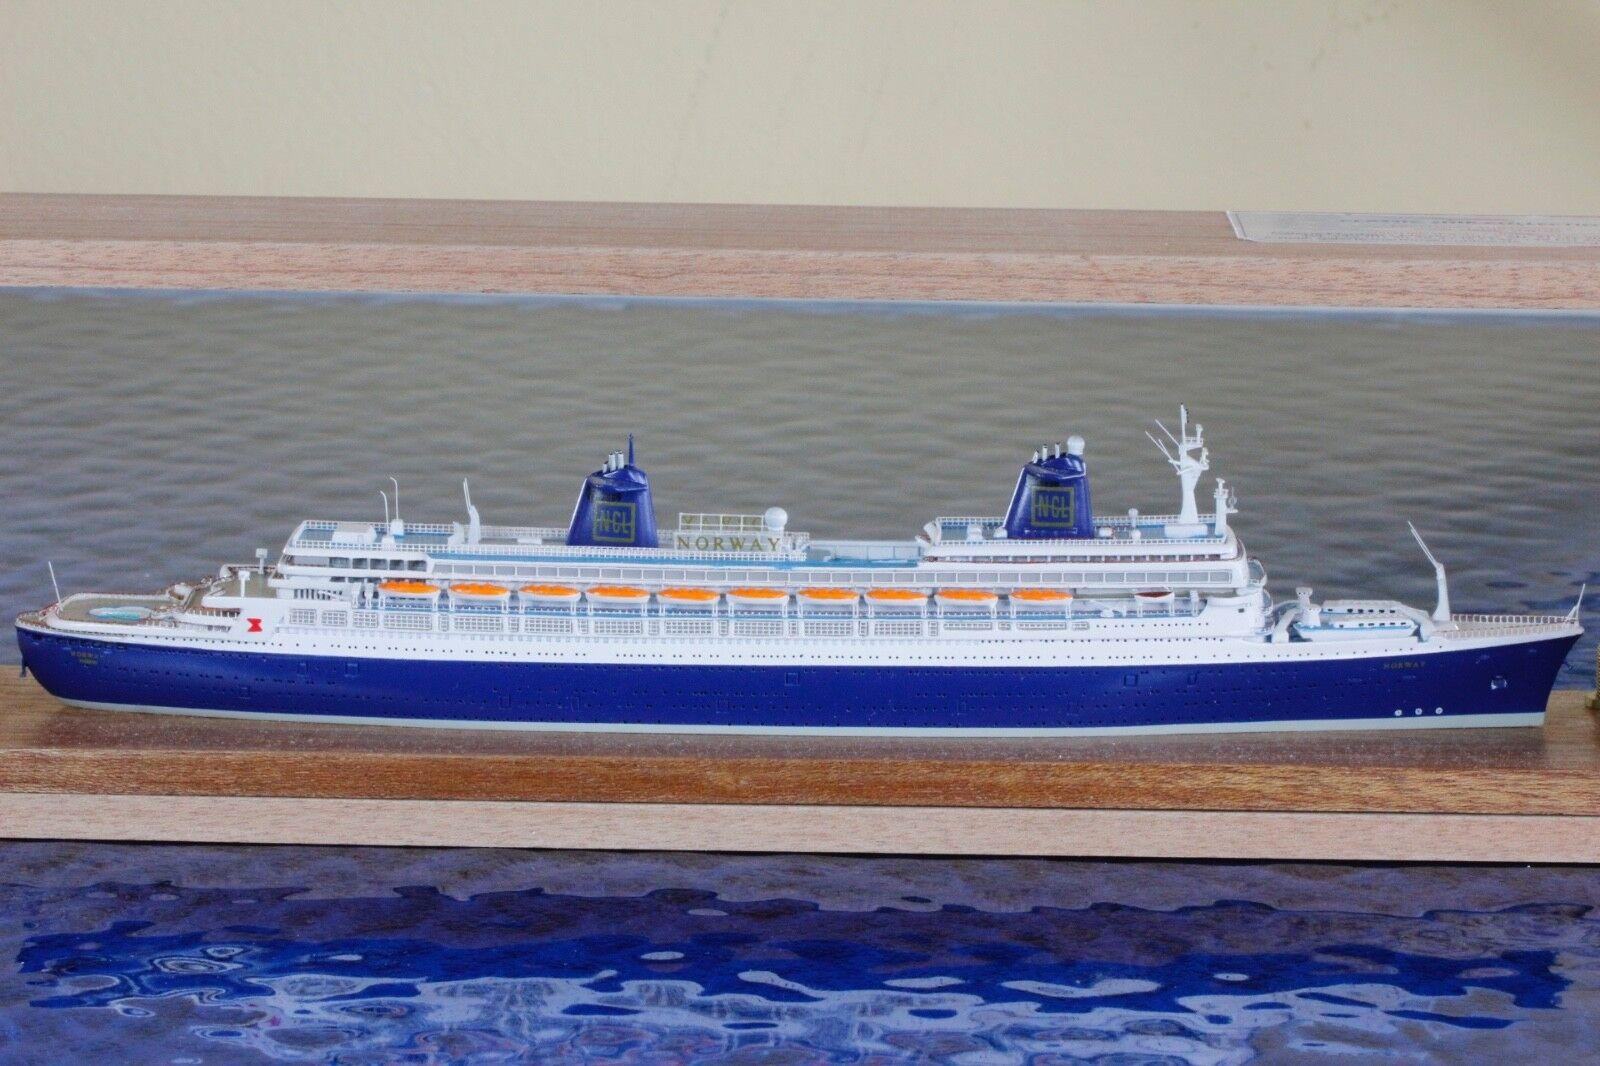 Norway avec emballage d'origine Fabricant CSC 23,1 1250 vaisseau Modèle